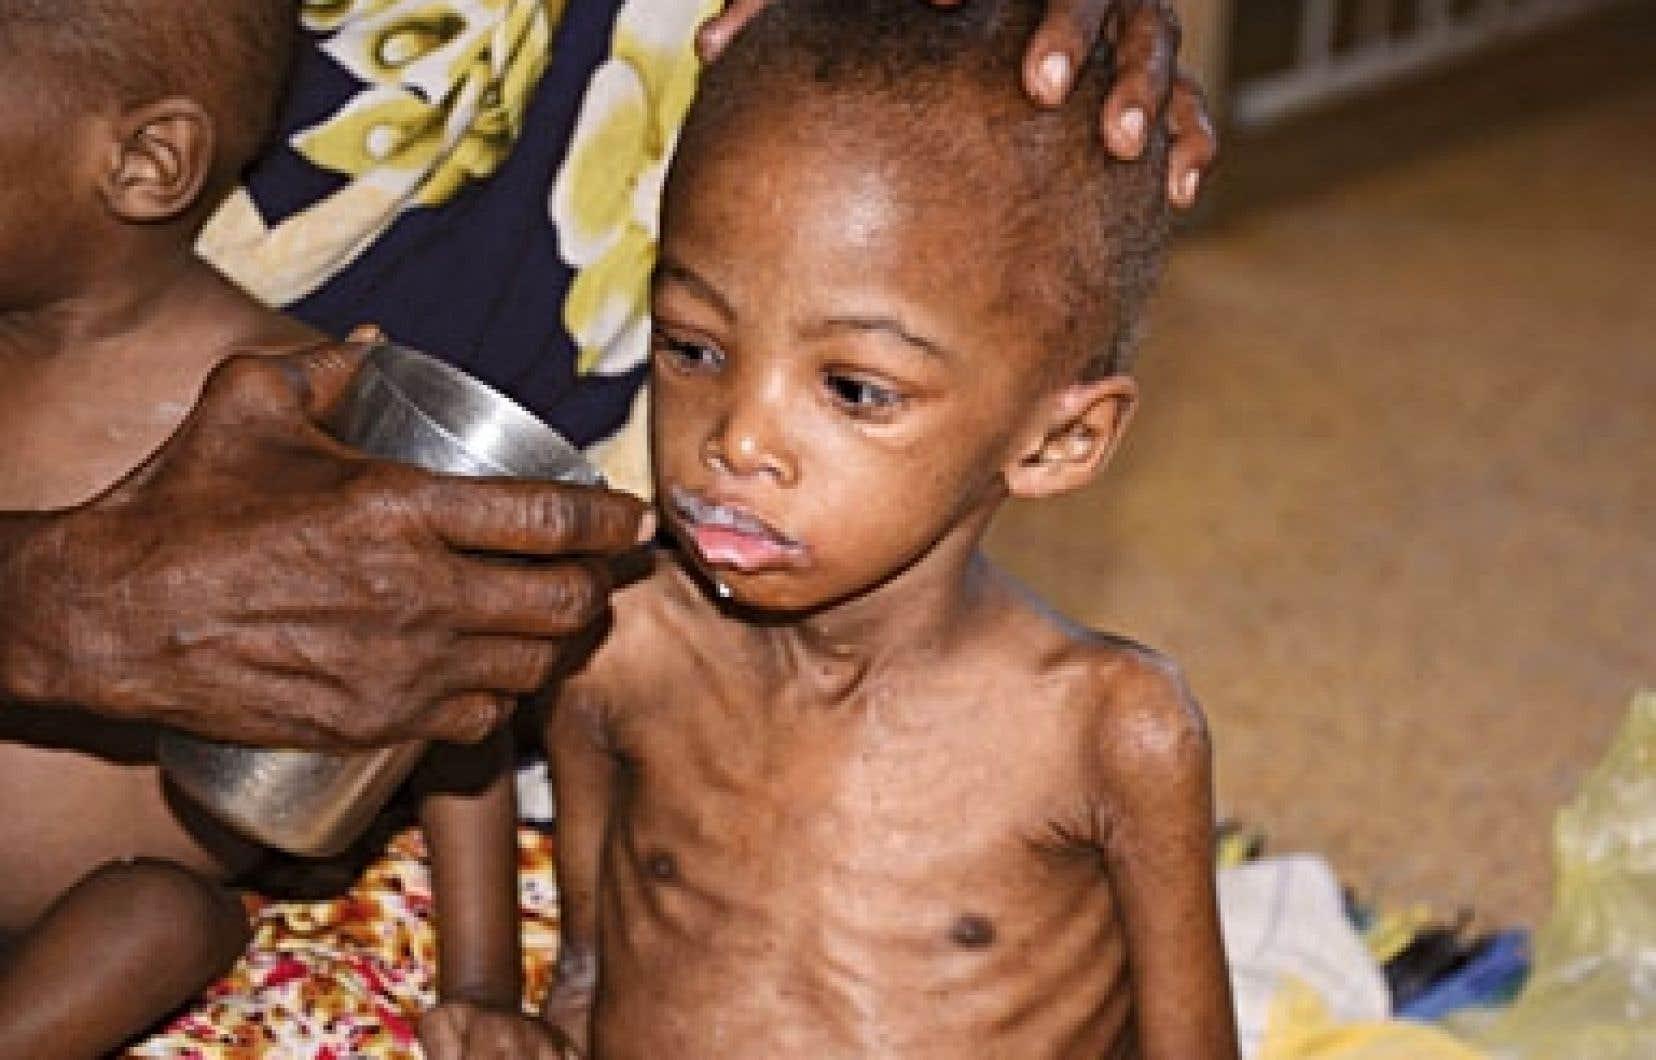 Un jeune Somalien a reçu des soins pour malnutrition à l'hôpital.